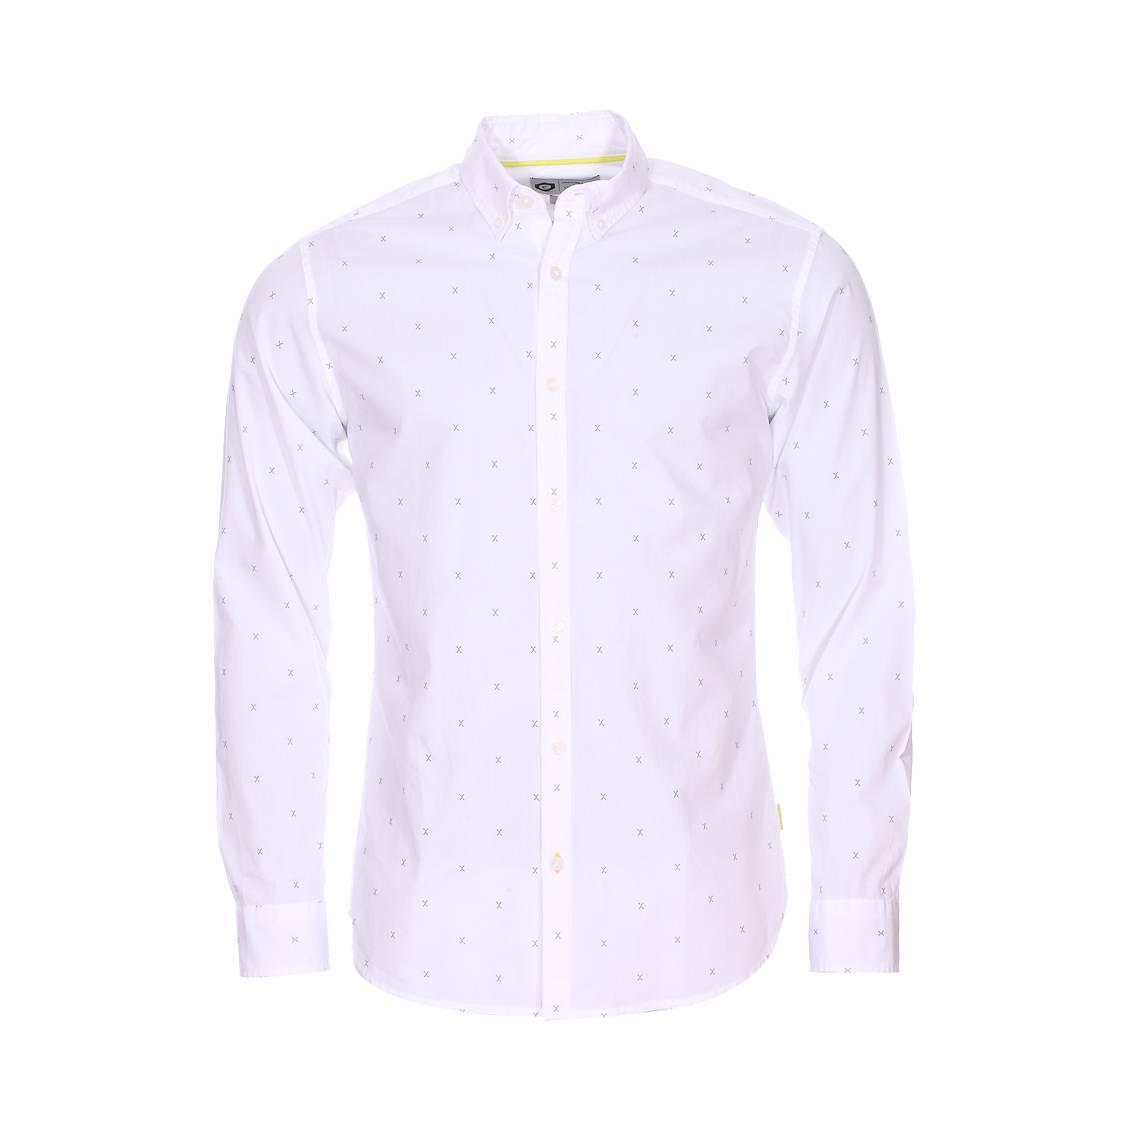 Chemise cintrée jack & jones en coton blanc à motifs